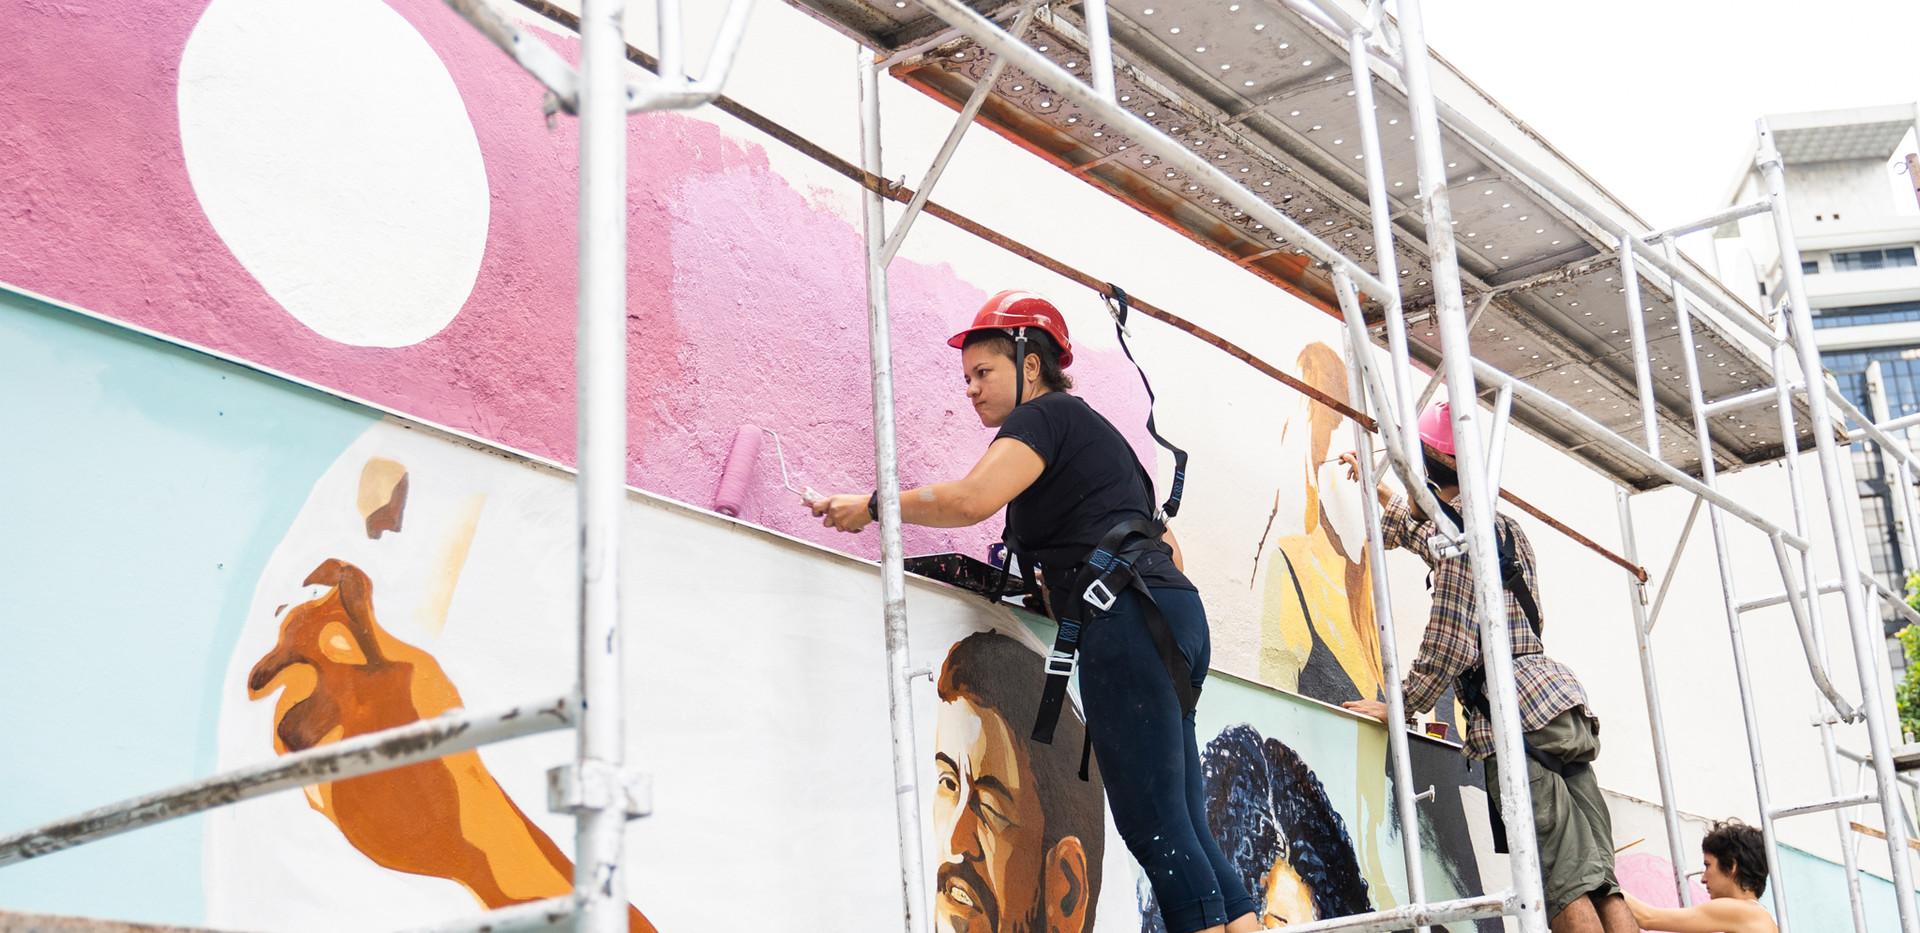 Priscapaes - Mural - 18-03-20 (2).jpg